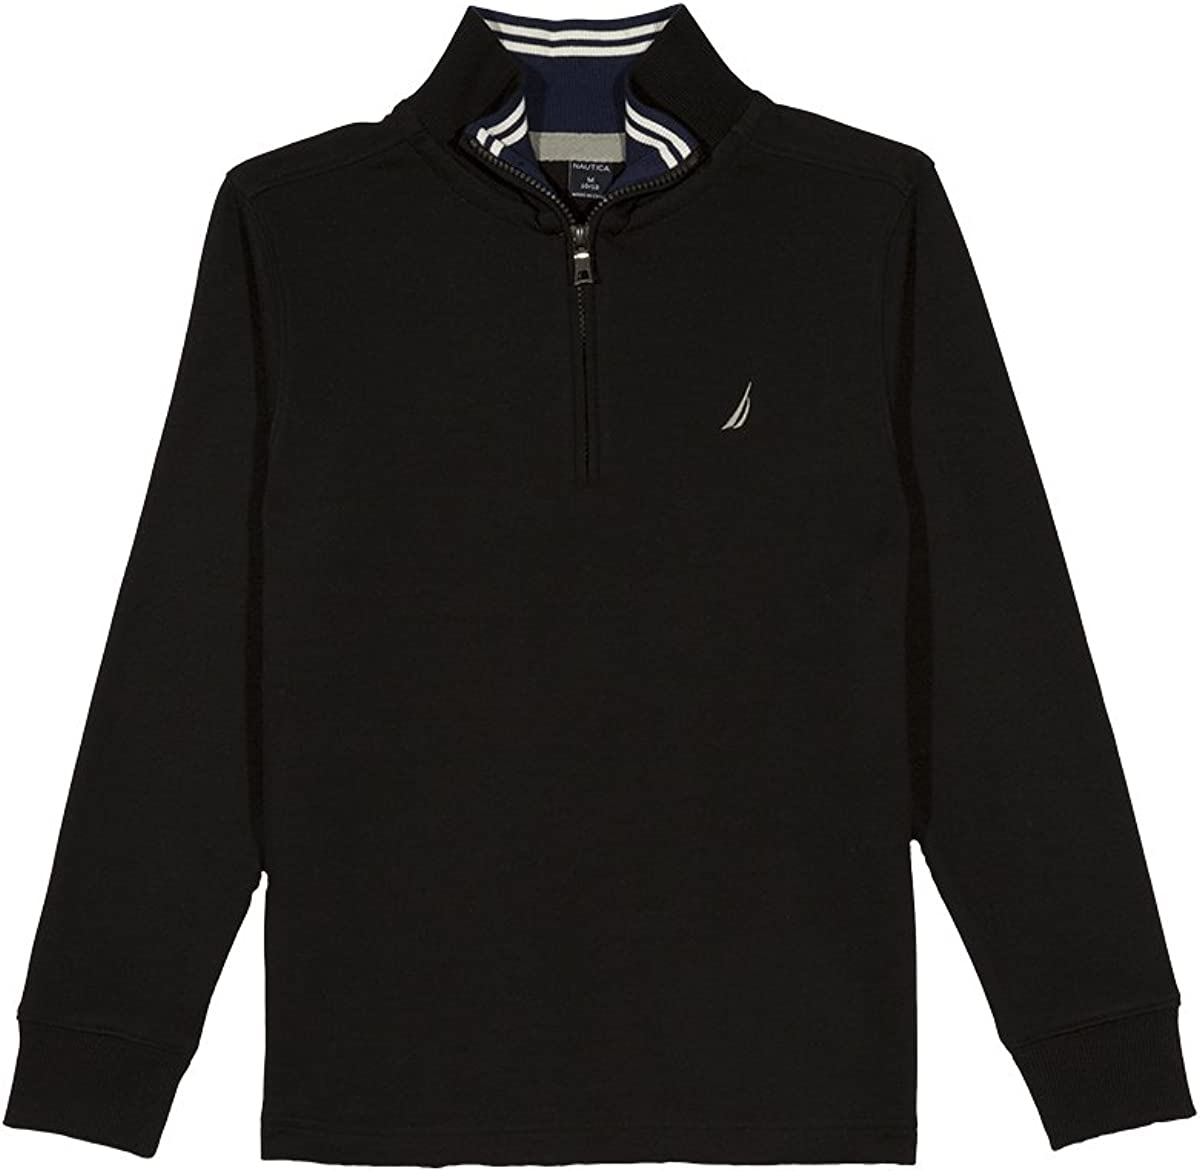 Nautica Boys' Lightweight Long Sleeve Quarter Zip Shirt